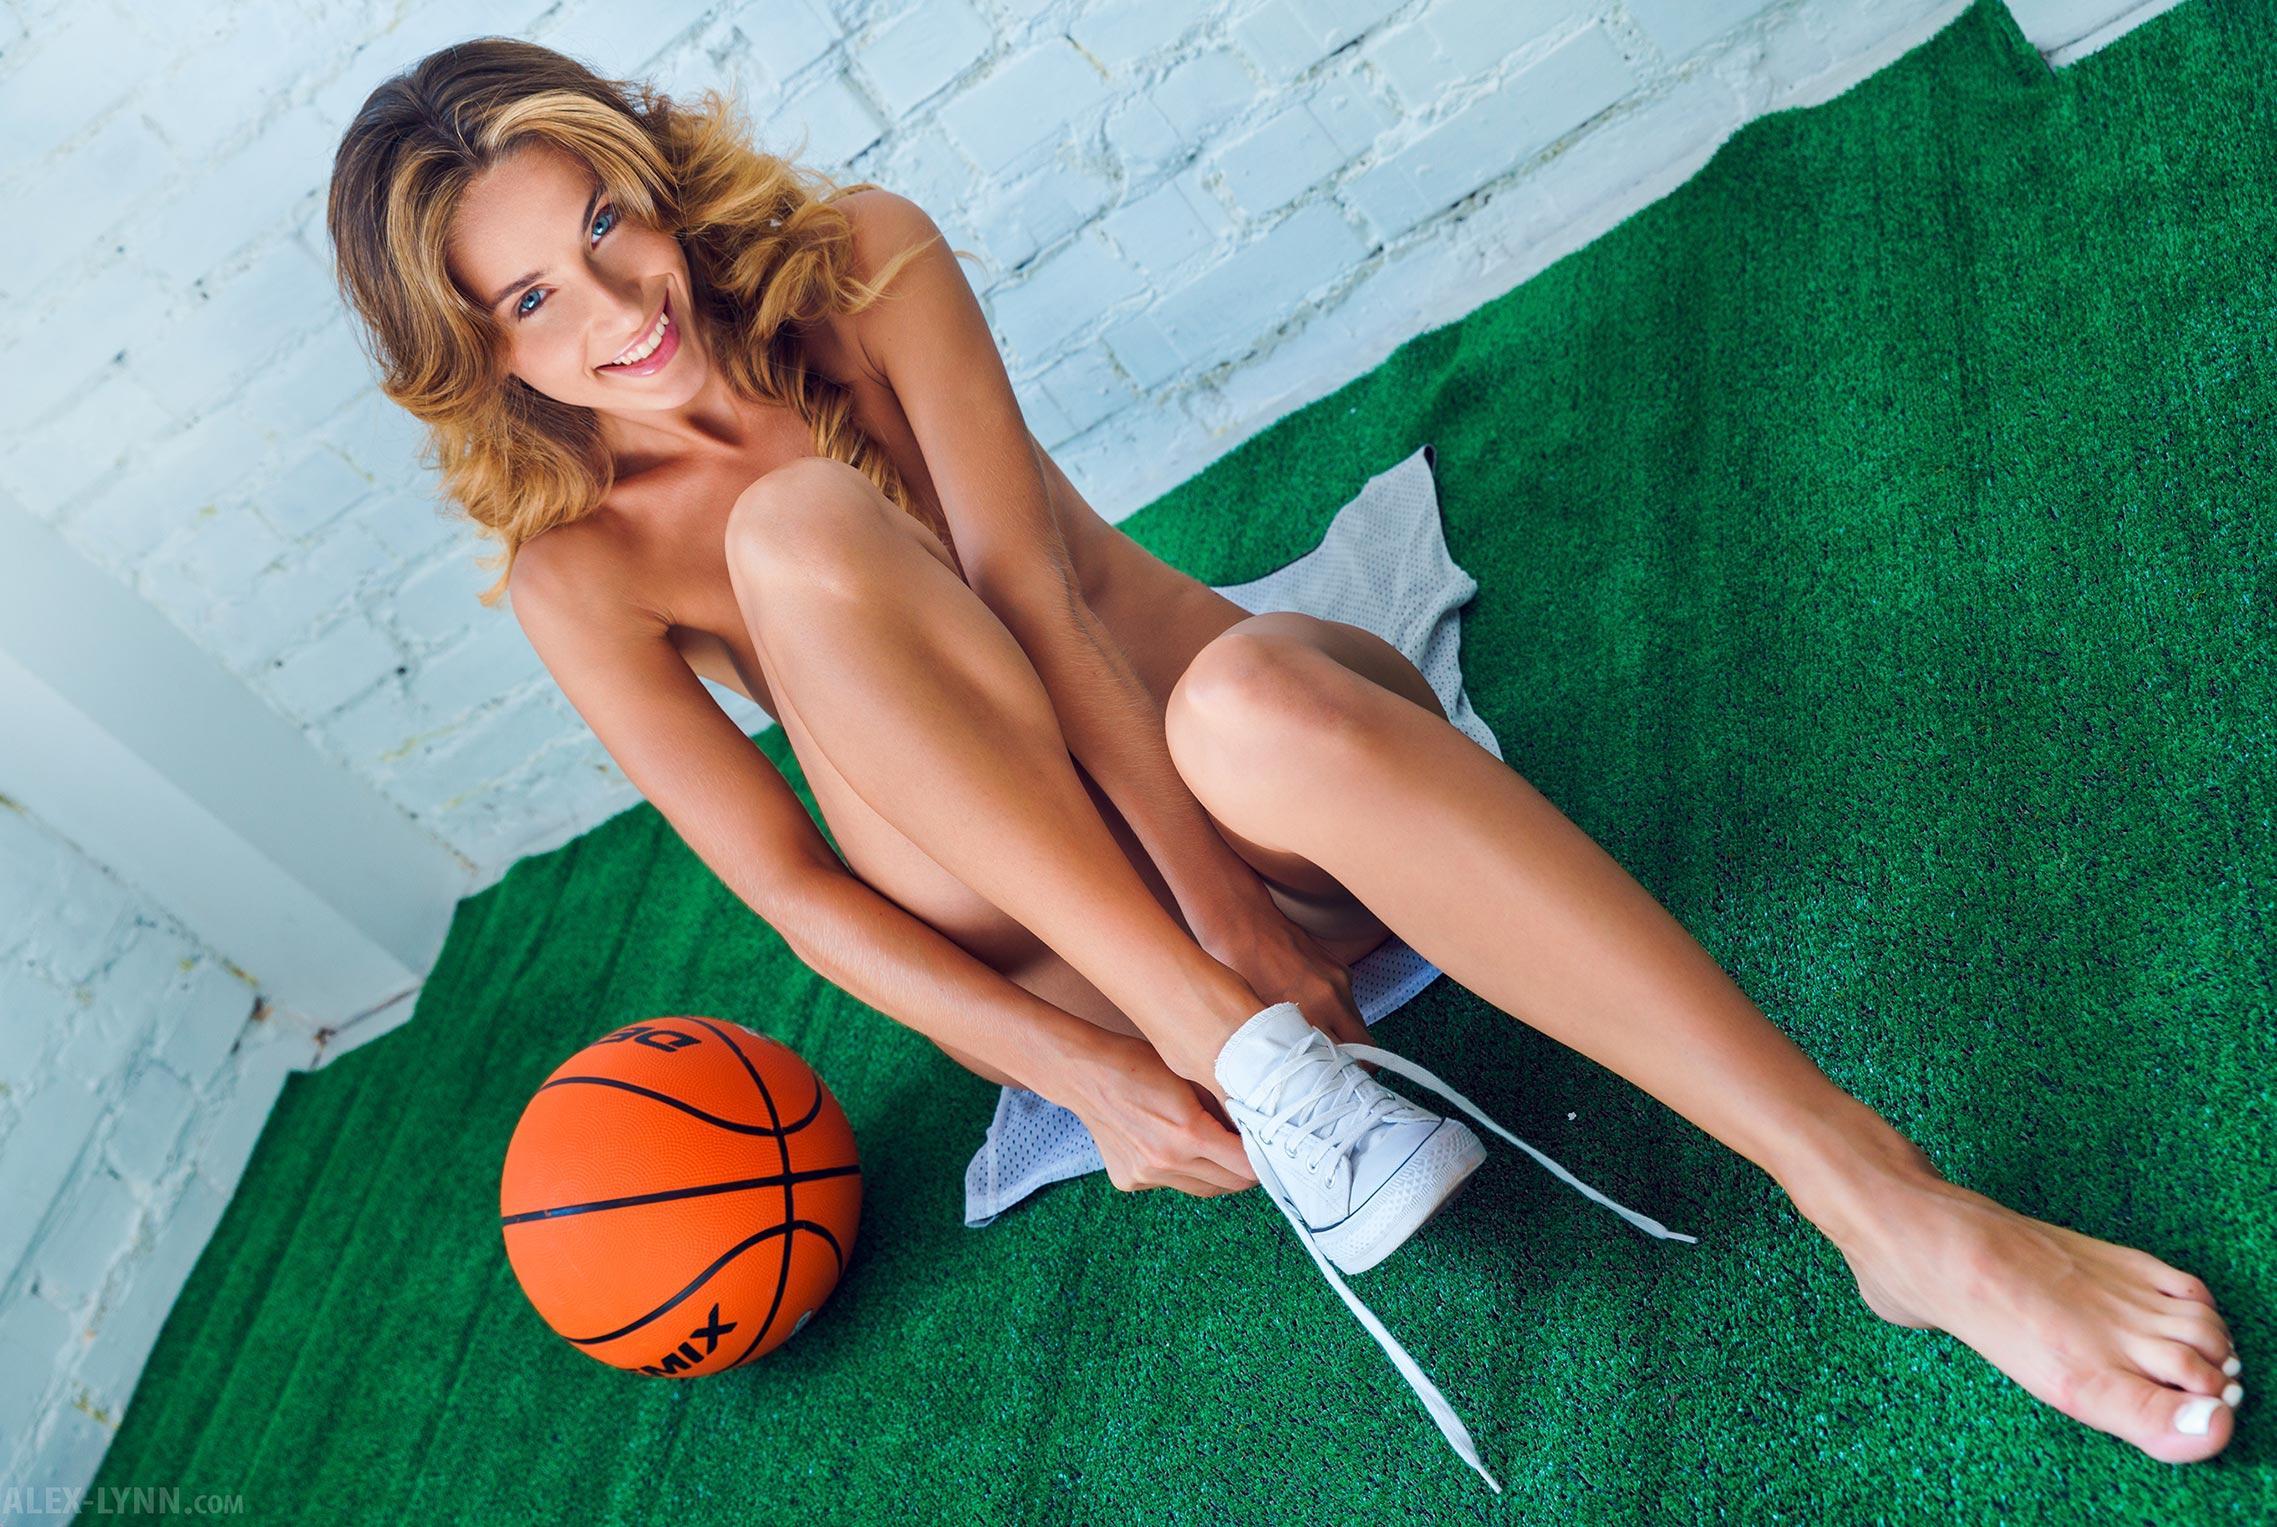 Играем в баскетбол красиво / голая Наталья Войнар с баскетбольным мячом / фото 01